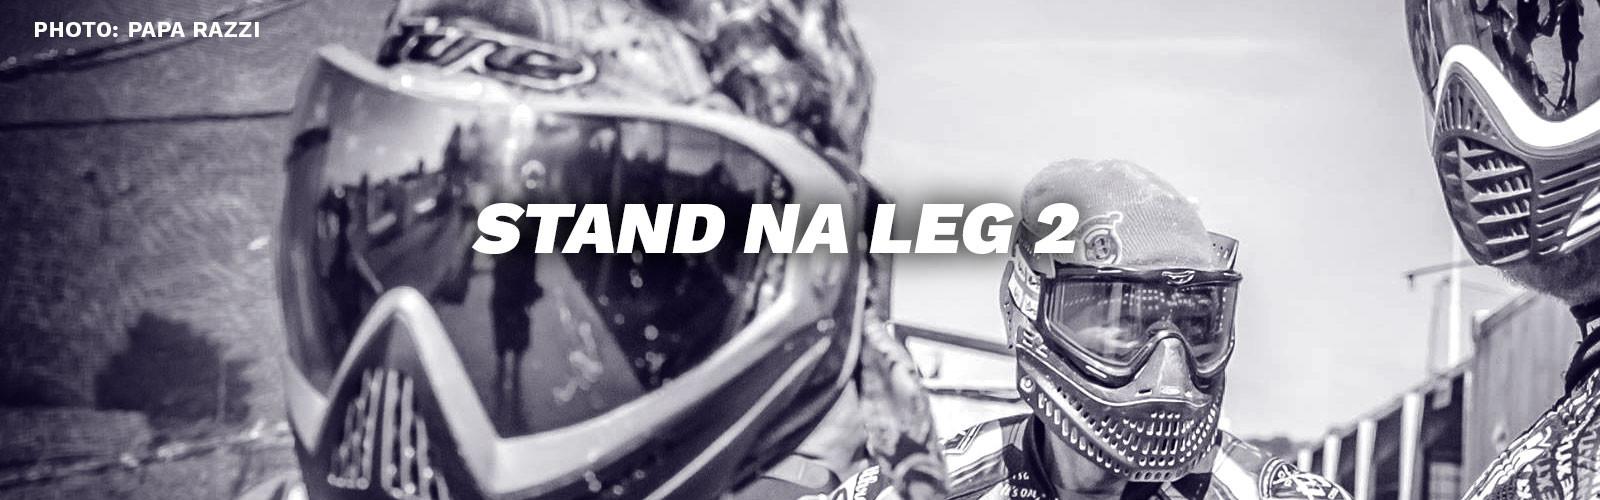 Stand Na Leg 2